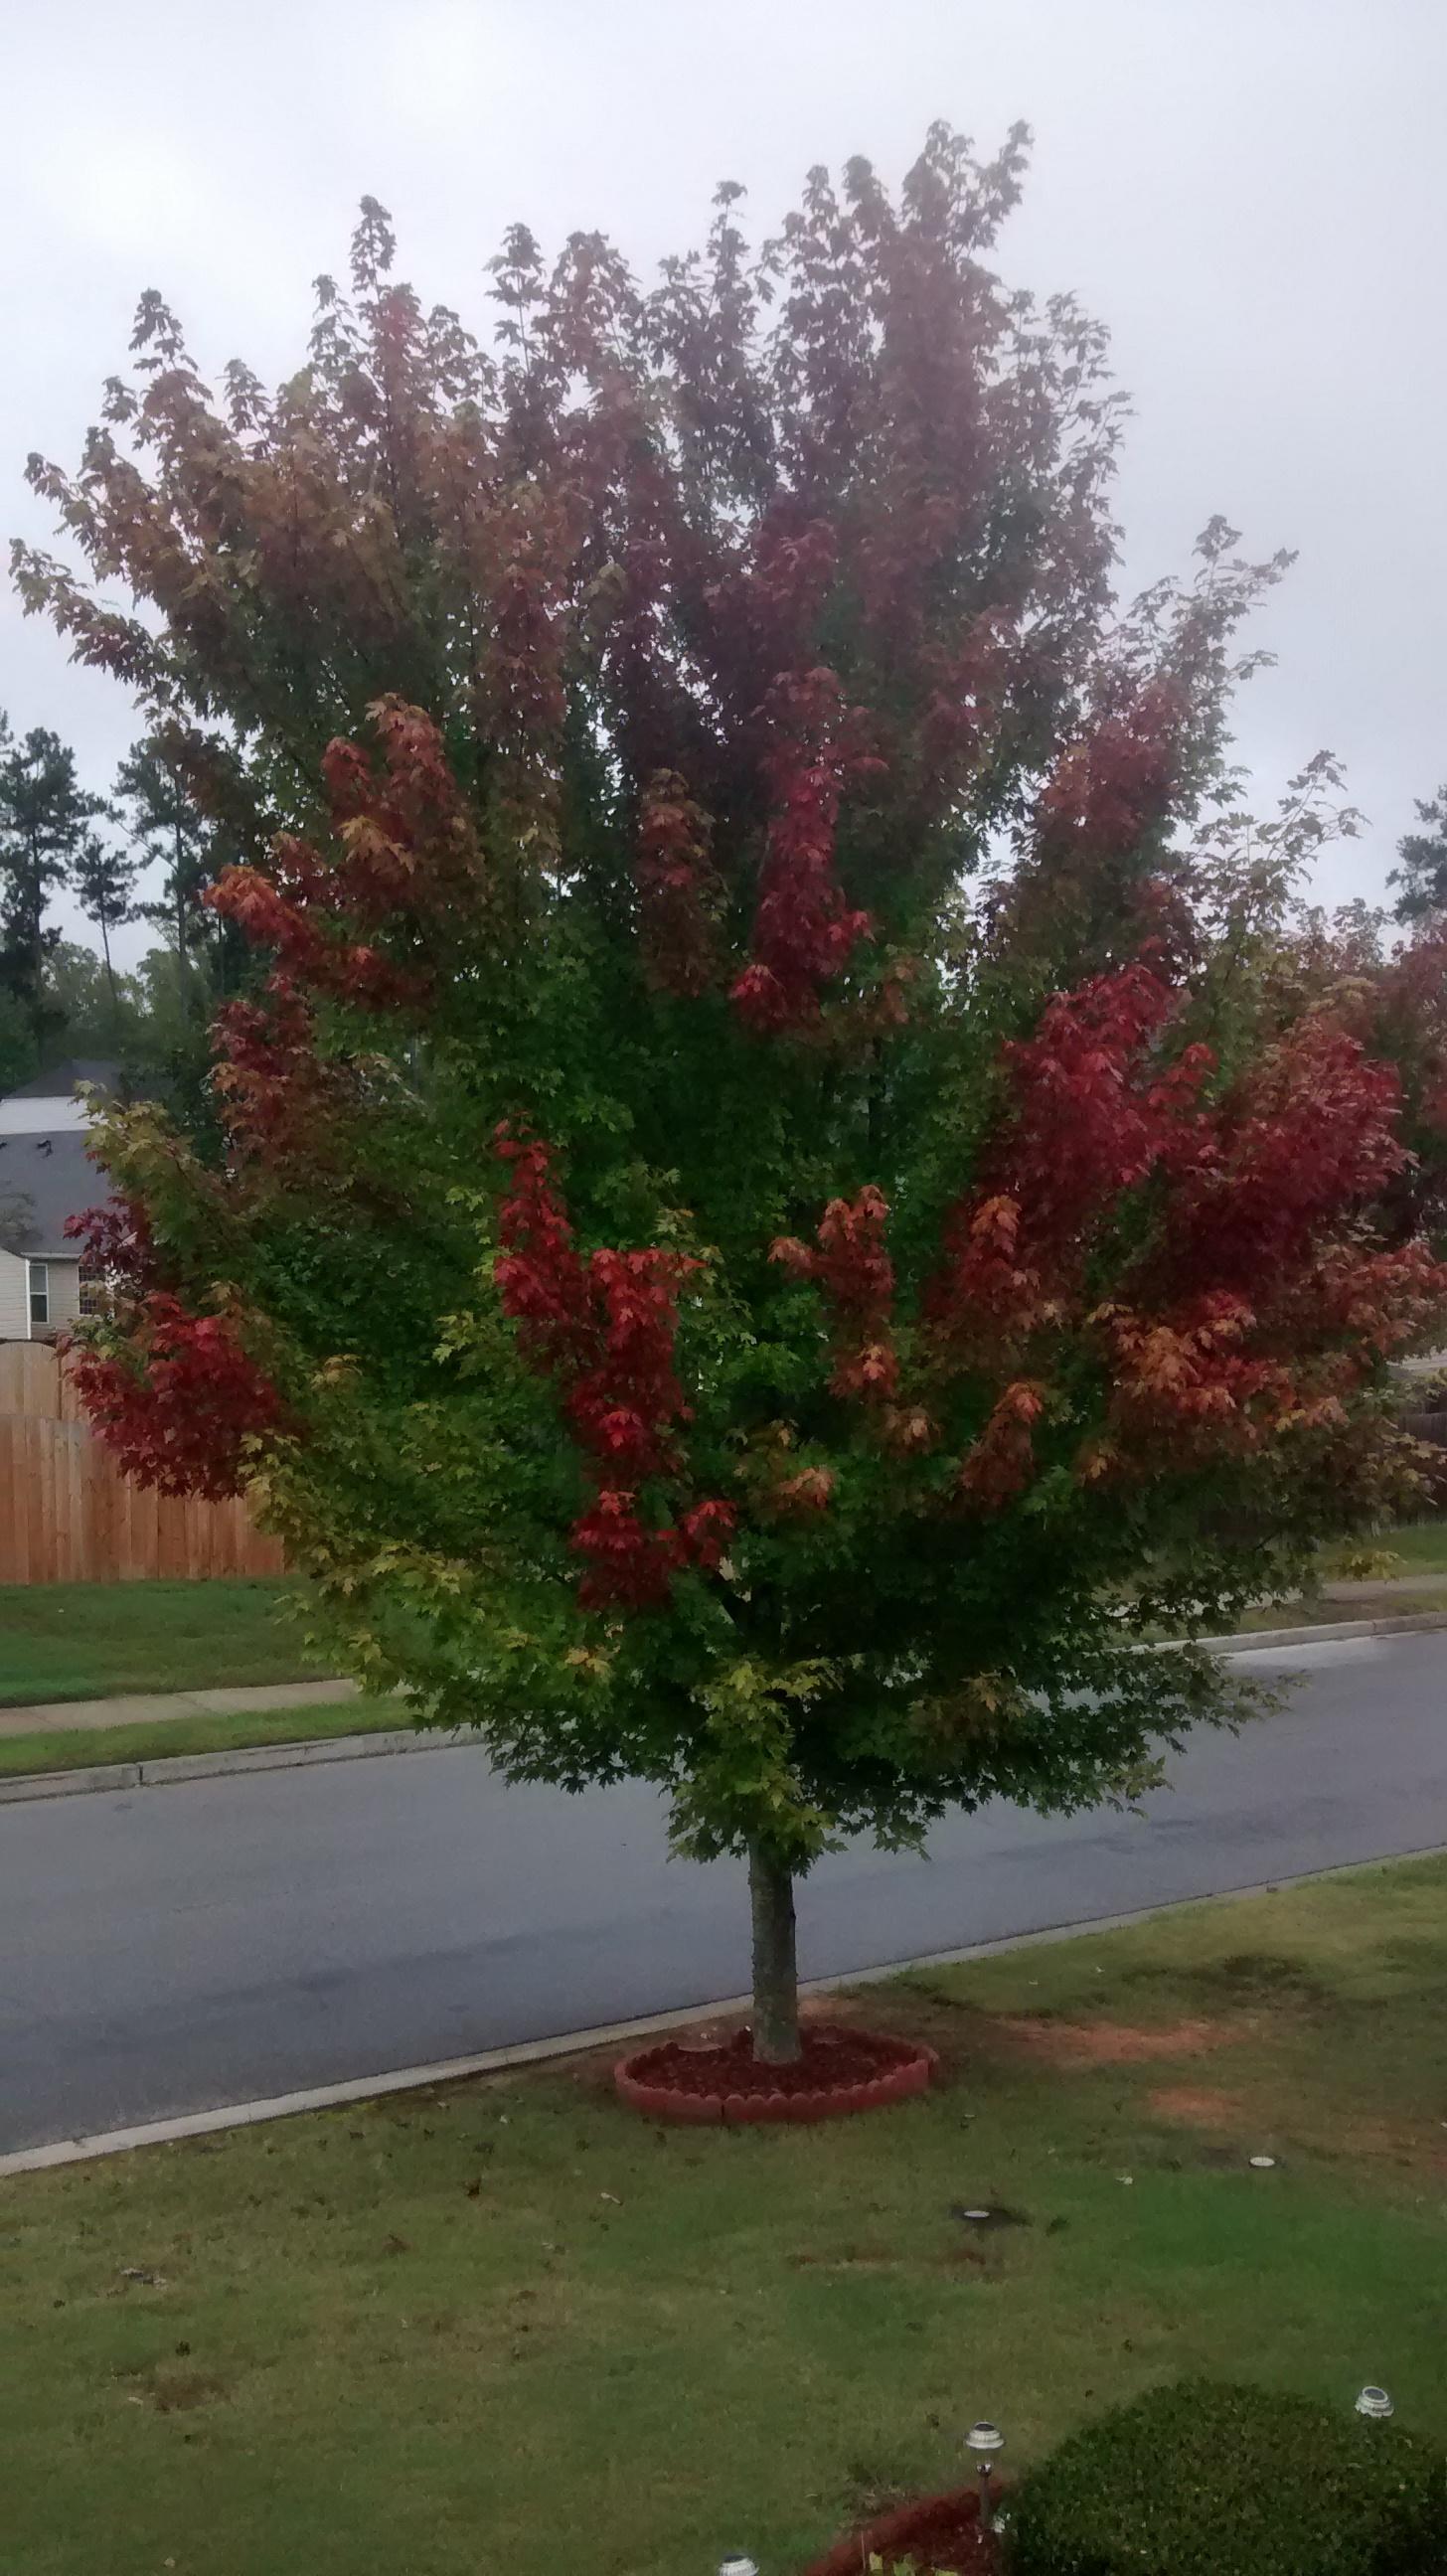 Fall in Georgia